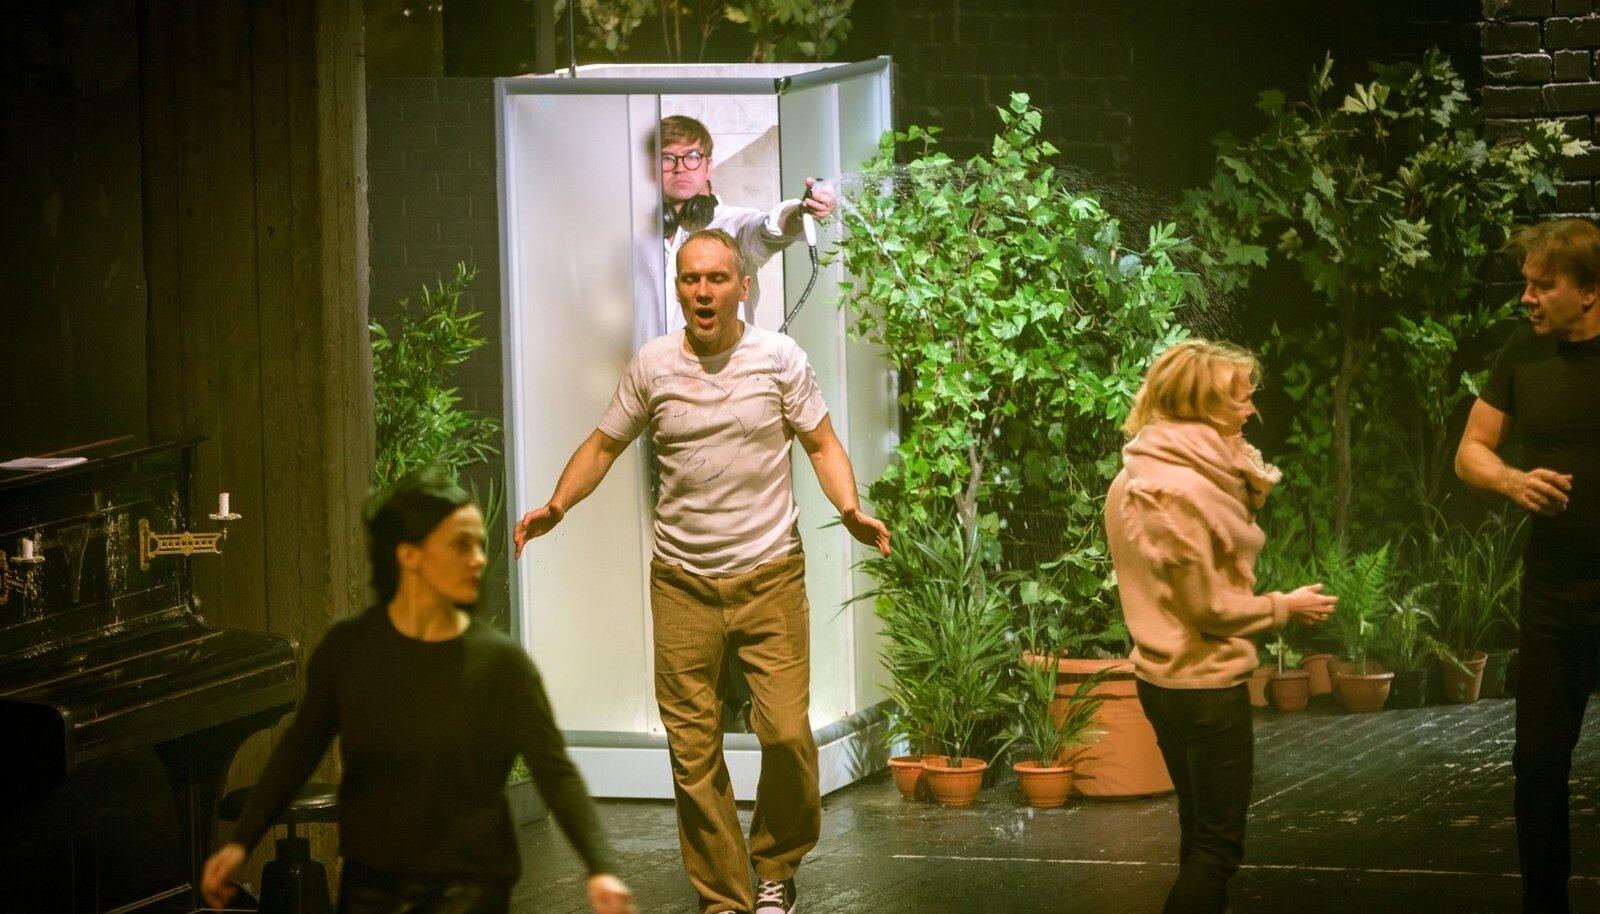 """LINNATEATRI """"KOMMUUN"""": Nagu oleks suletud Viimsi spaa lifti inimestega Viimsist, kes üritavad etelda inimestele Viimsist, mismoodi räägivad ja liiguvad hipid."""